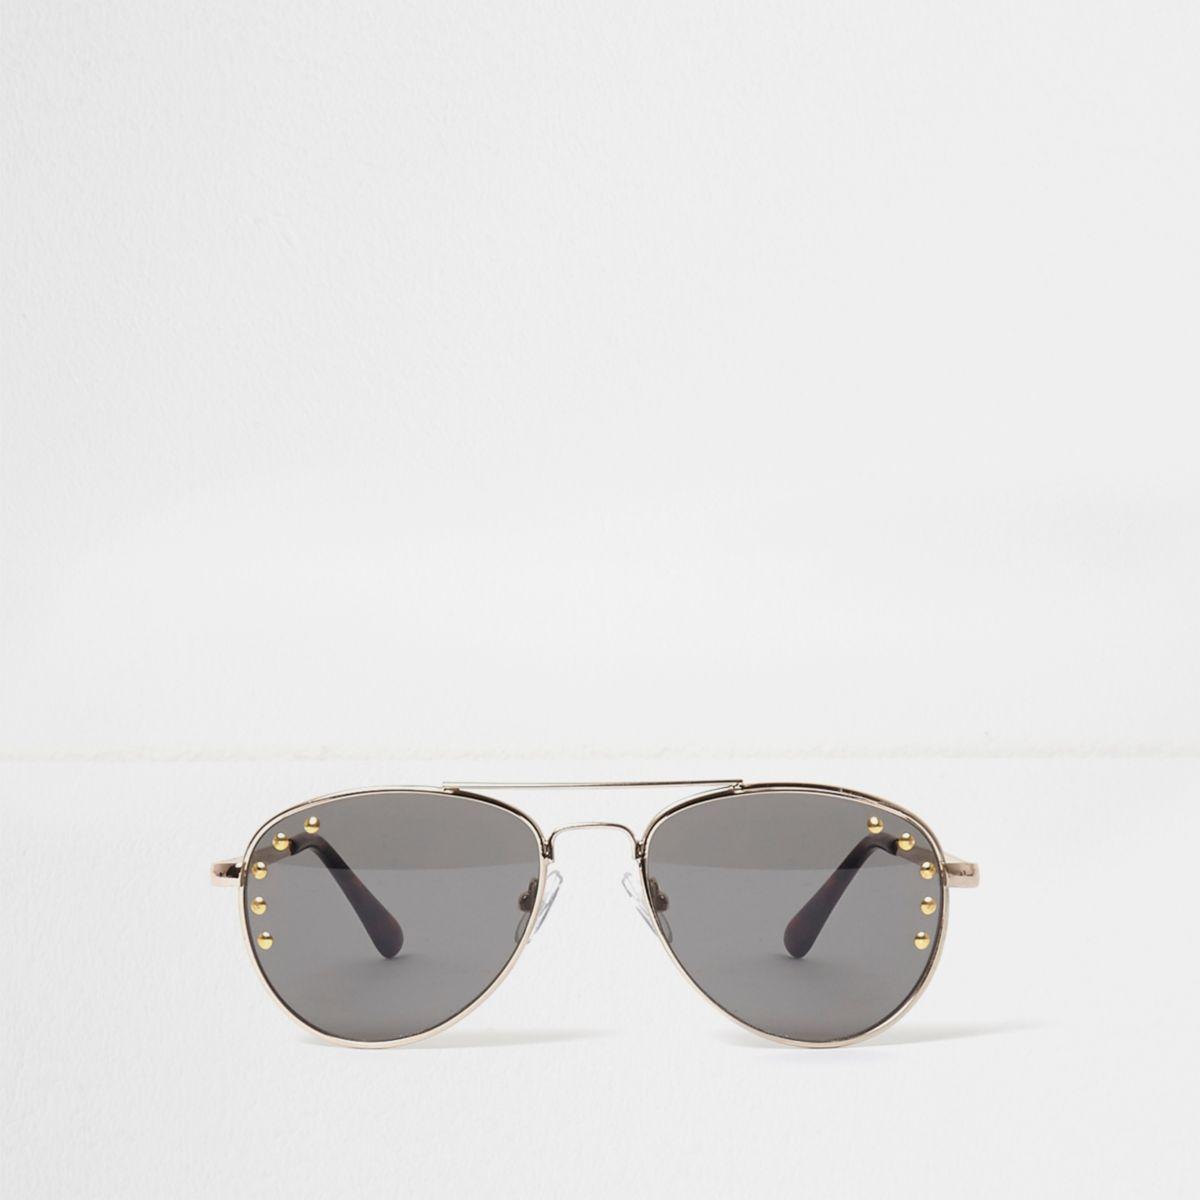 Schwarze, nietenverzierte Pilotensonnenbrille